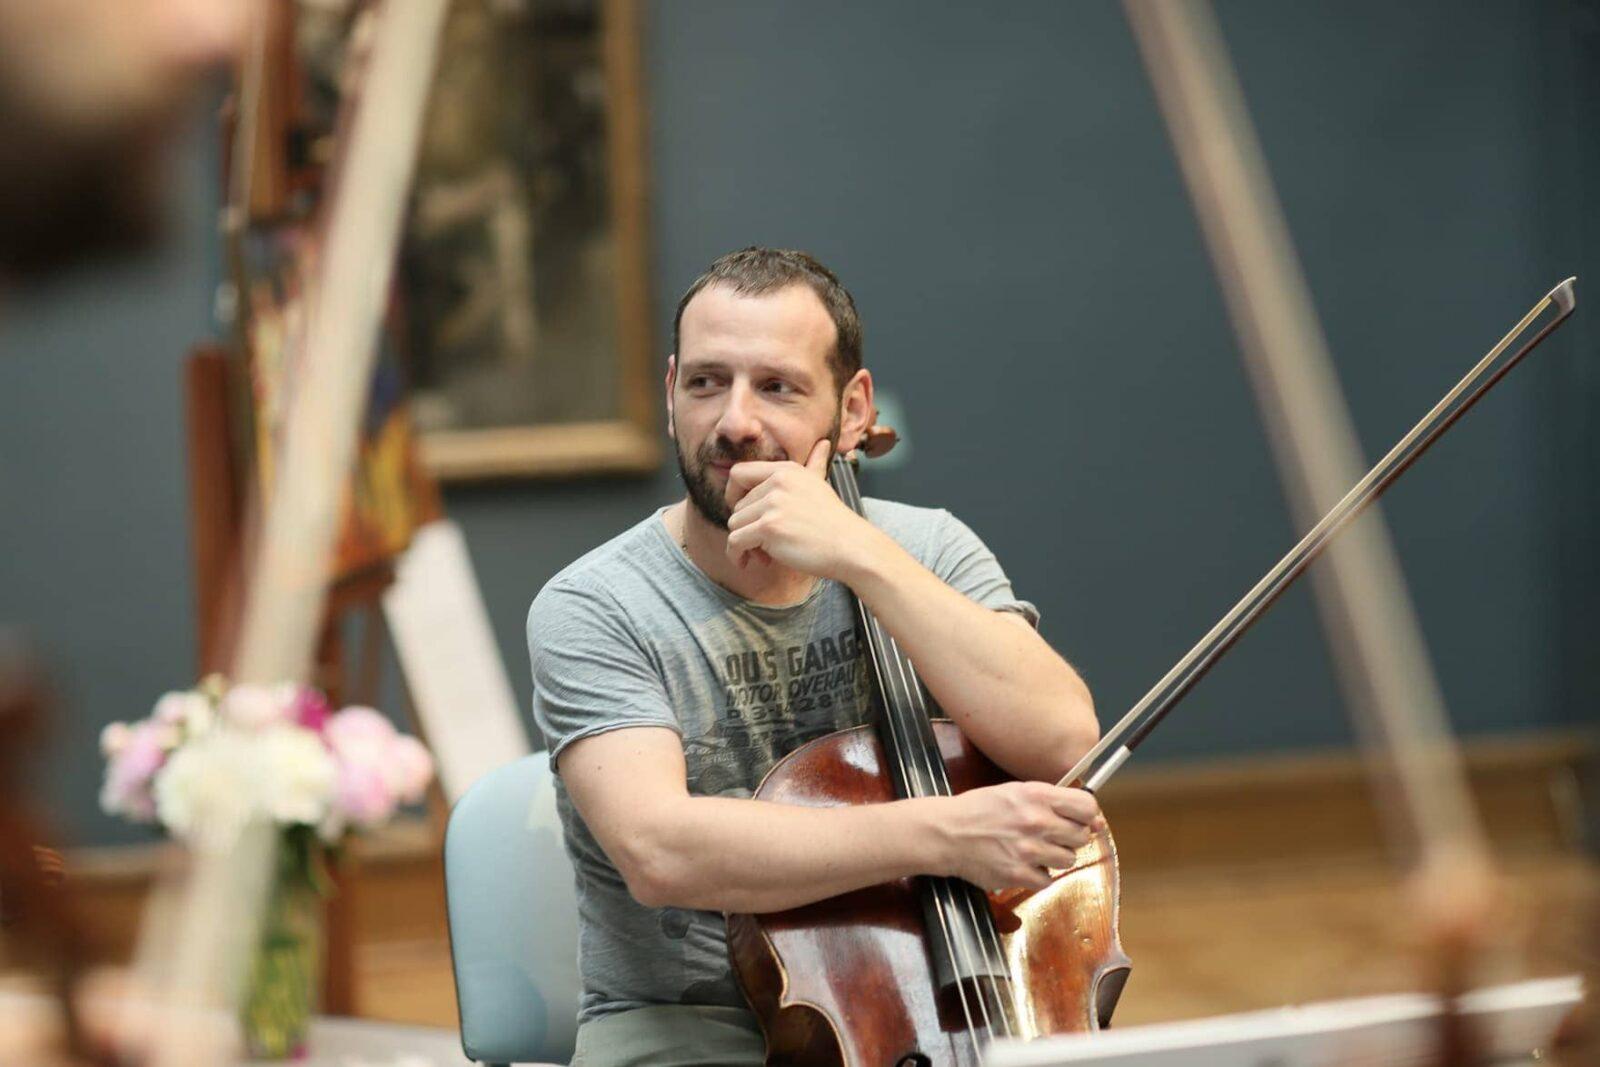 Борис Андрианов: «Когда приезжаешь туда, где не играешь концерт, чувствуешь себя очень странно».